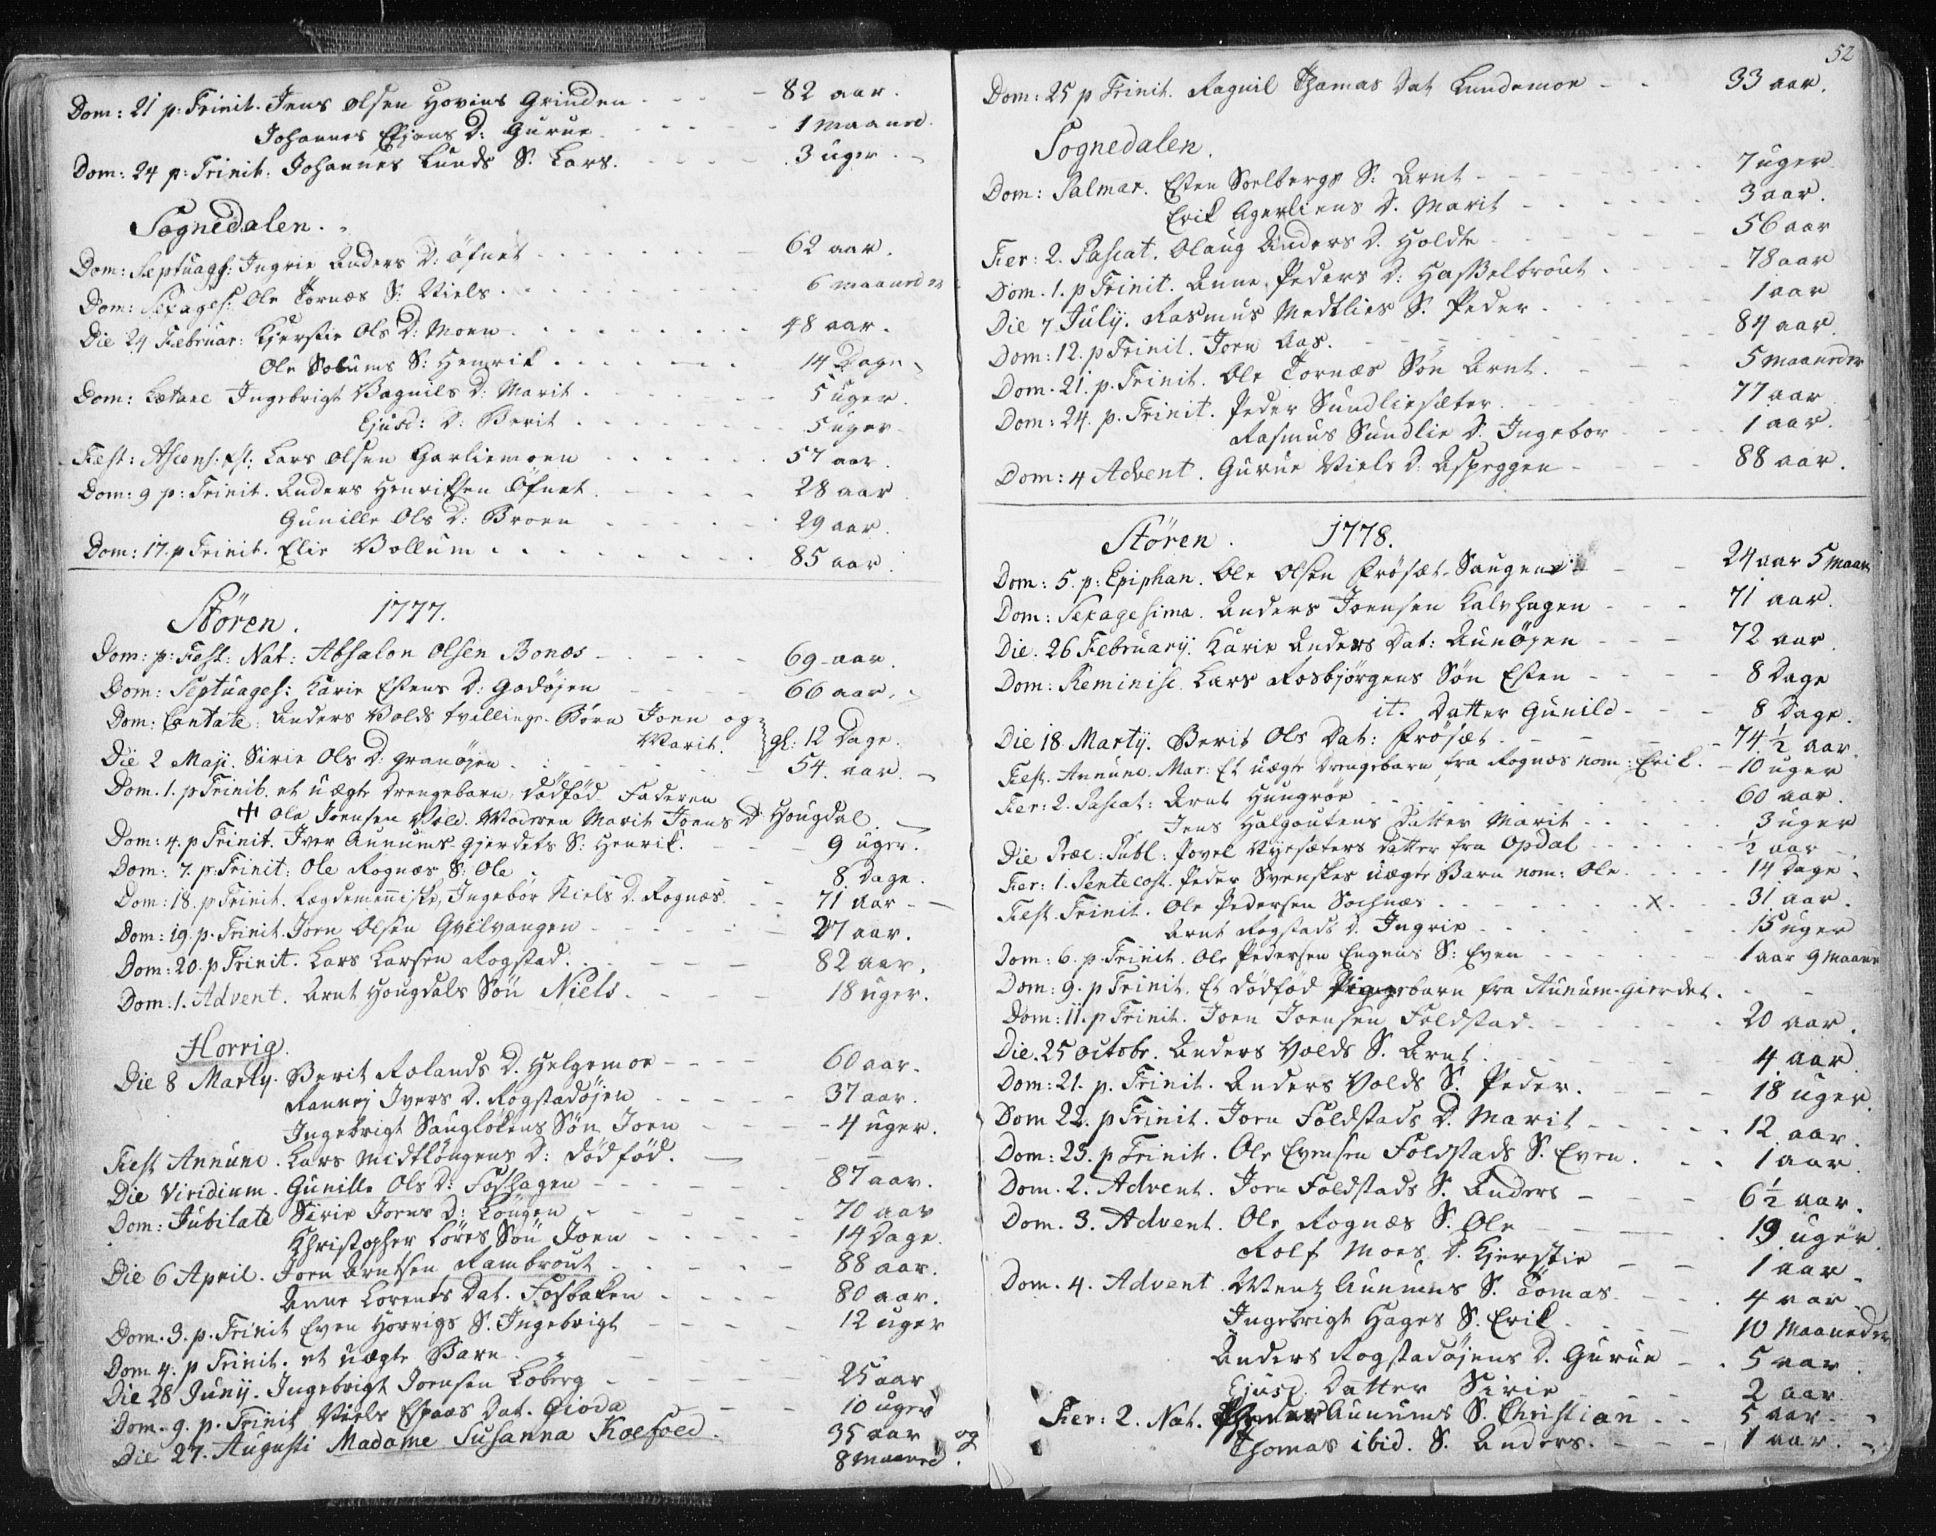 SAT, Ministerialprotokoller, klokkerbøker og fødselsregistre - Sør-Trøndelag, 687/L0991: Ministerialbok nr. 687A02, 1747-1790, s. 52